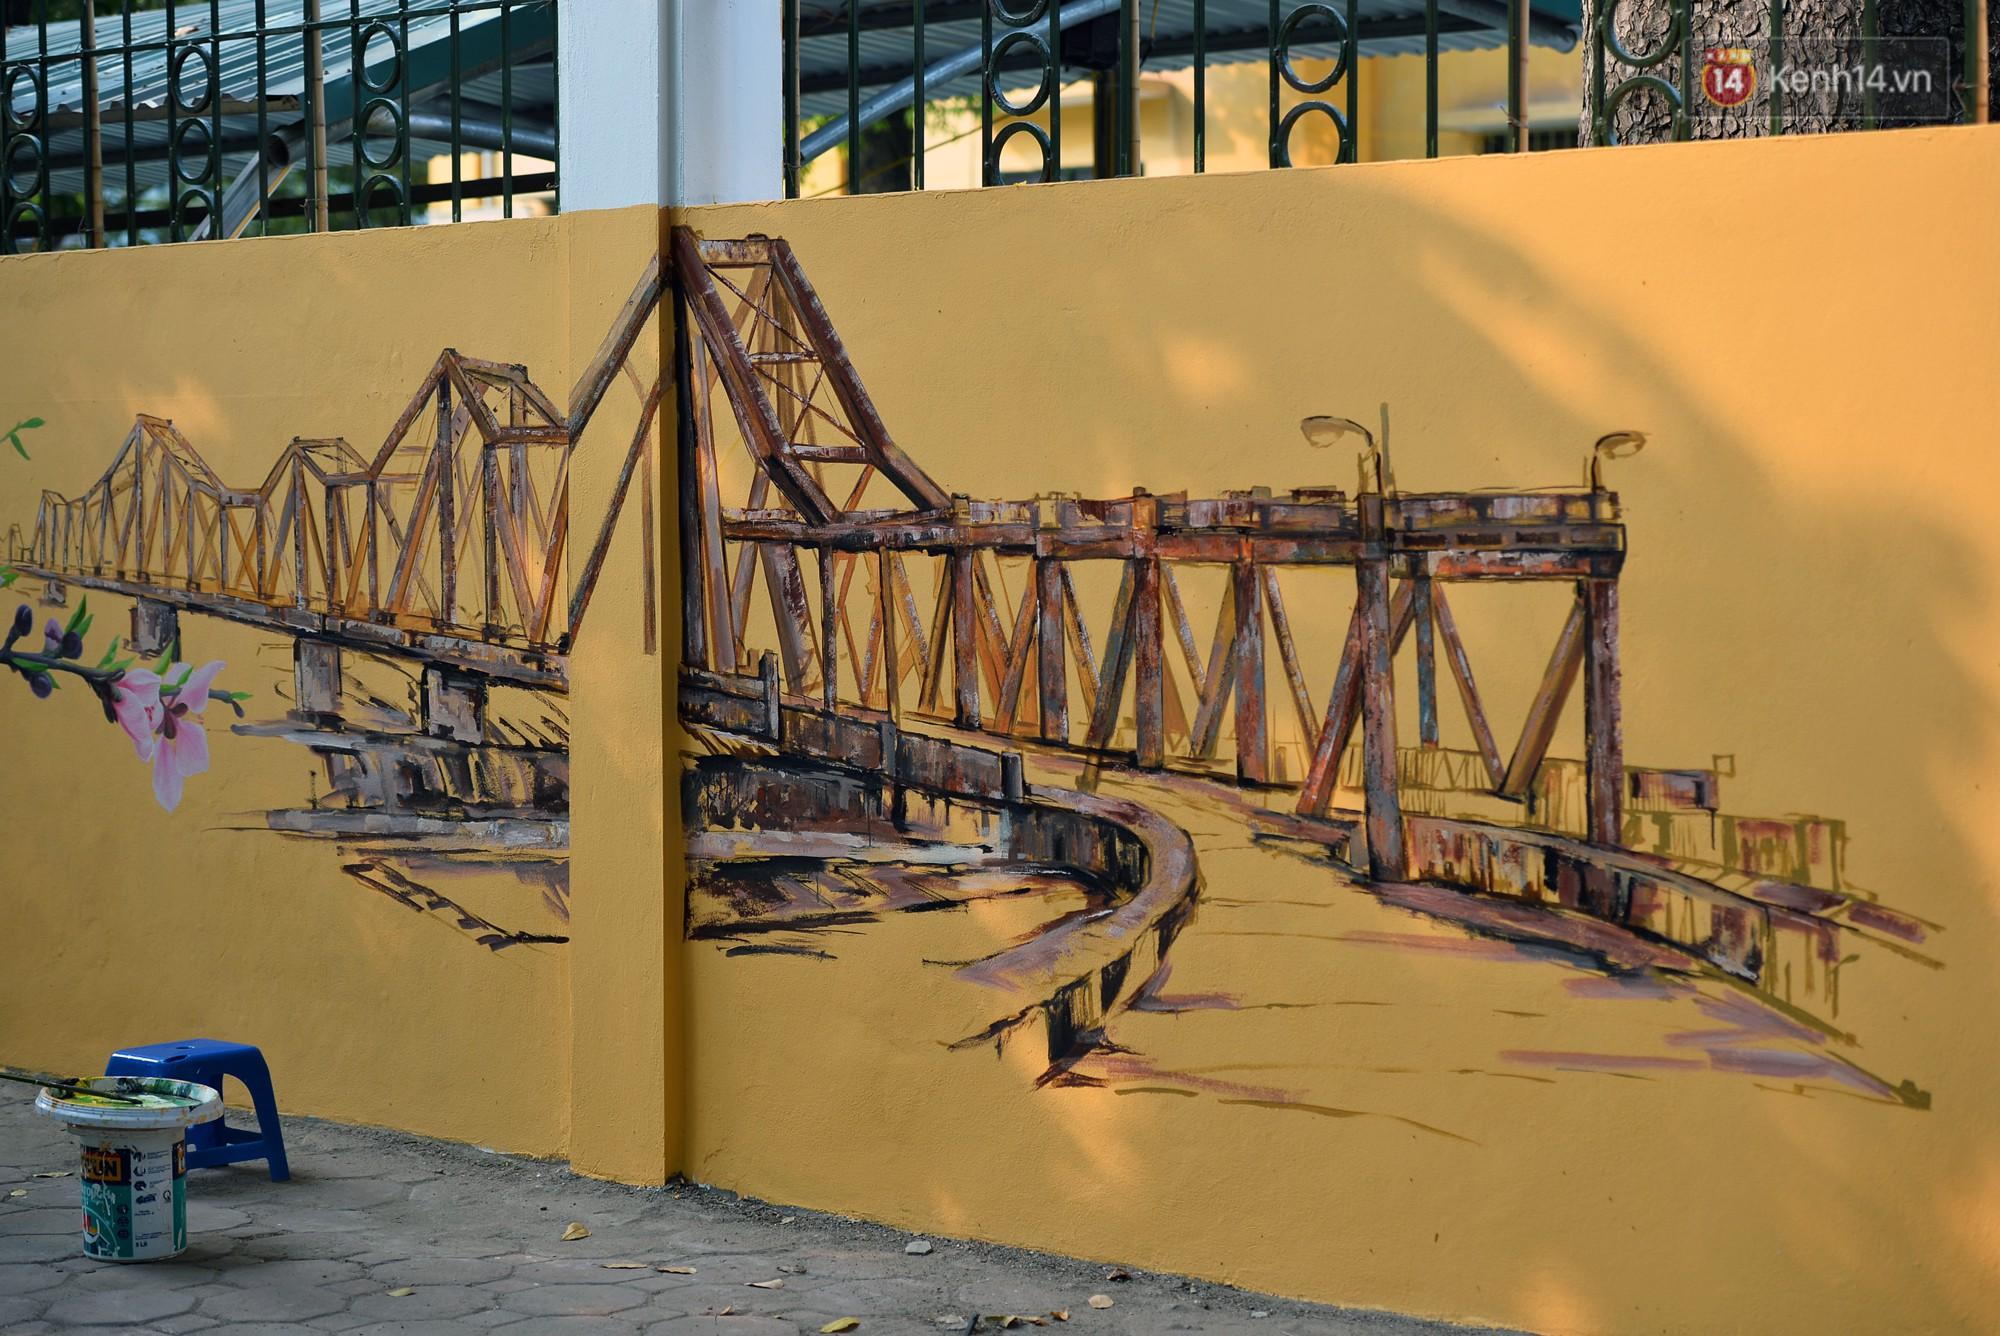 Dãy tường rào cũ kỹ trước cổng trường Phan Đình Phùng được khoác áo mới thành con đường bích họa siêu lãng mạn về Hà Nội xưa - Ảnh 3.